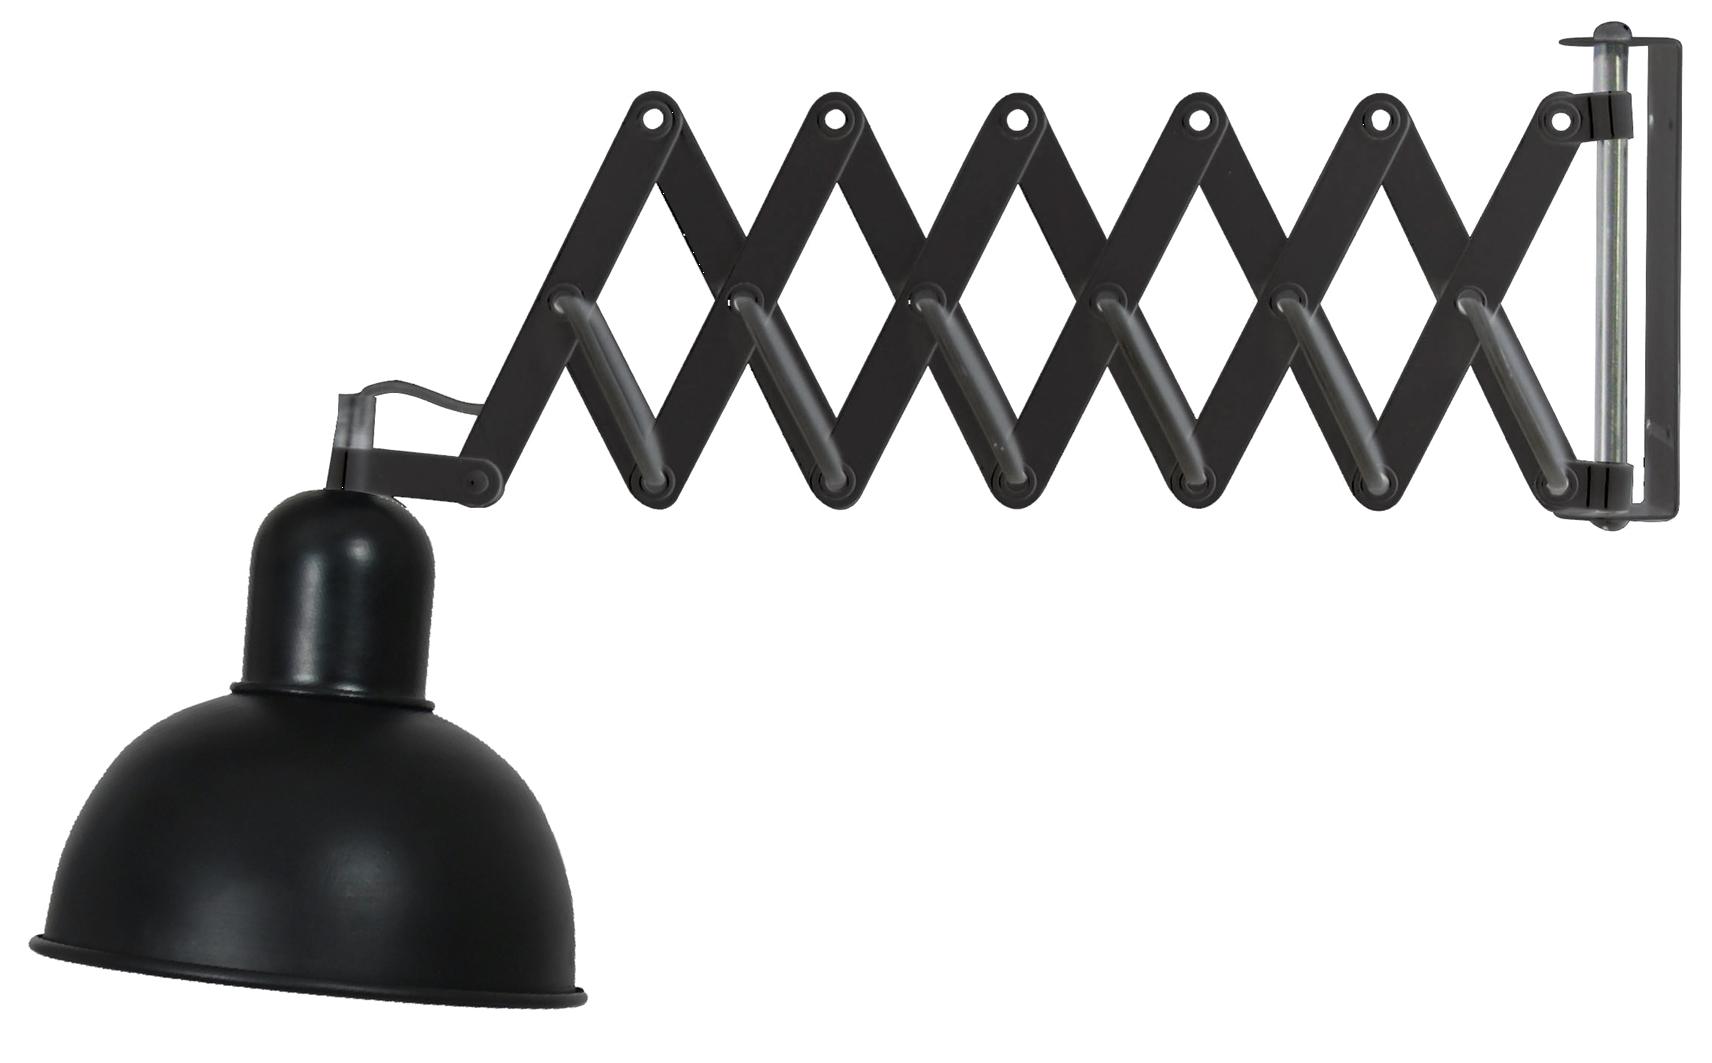 HARMONY LAMPA NA WYSIĘGNIKU HARMONIJKOWYM 1X40W E27 CZARNY - 41-27900